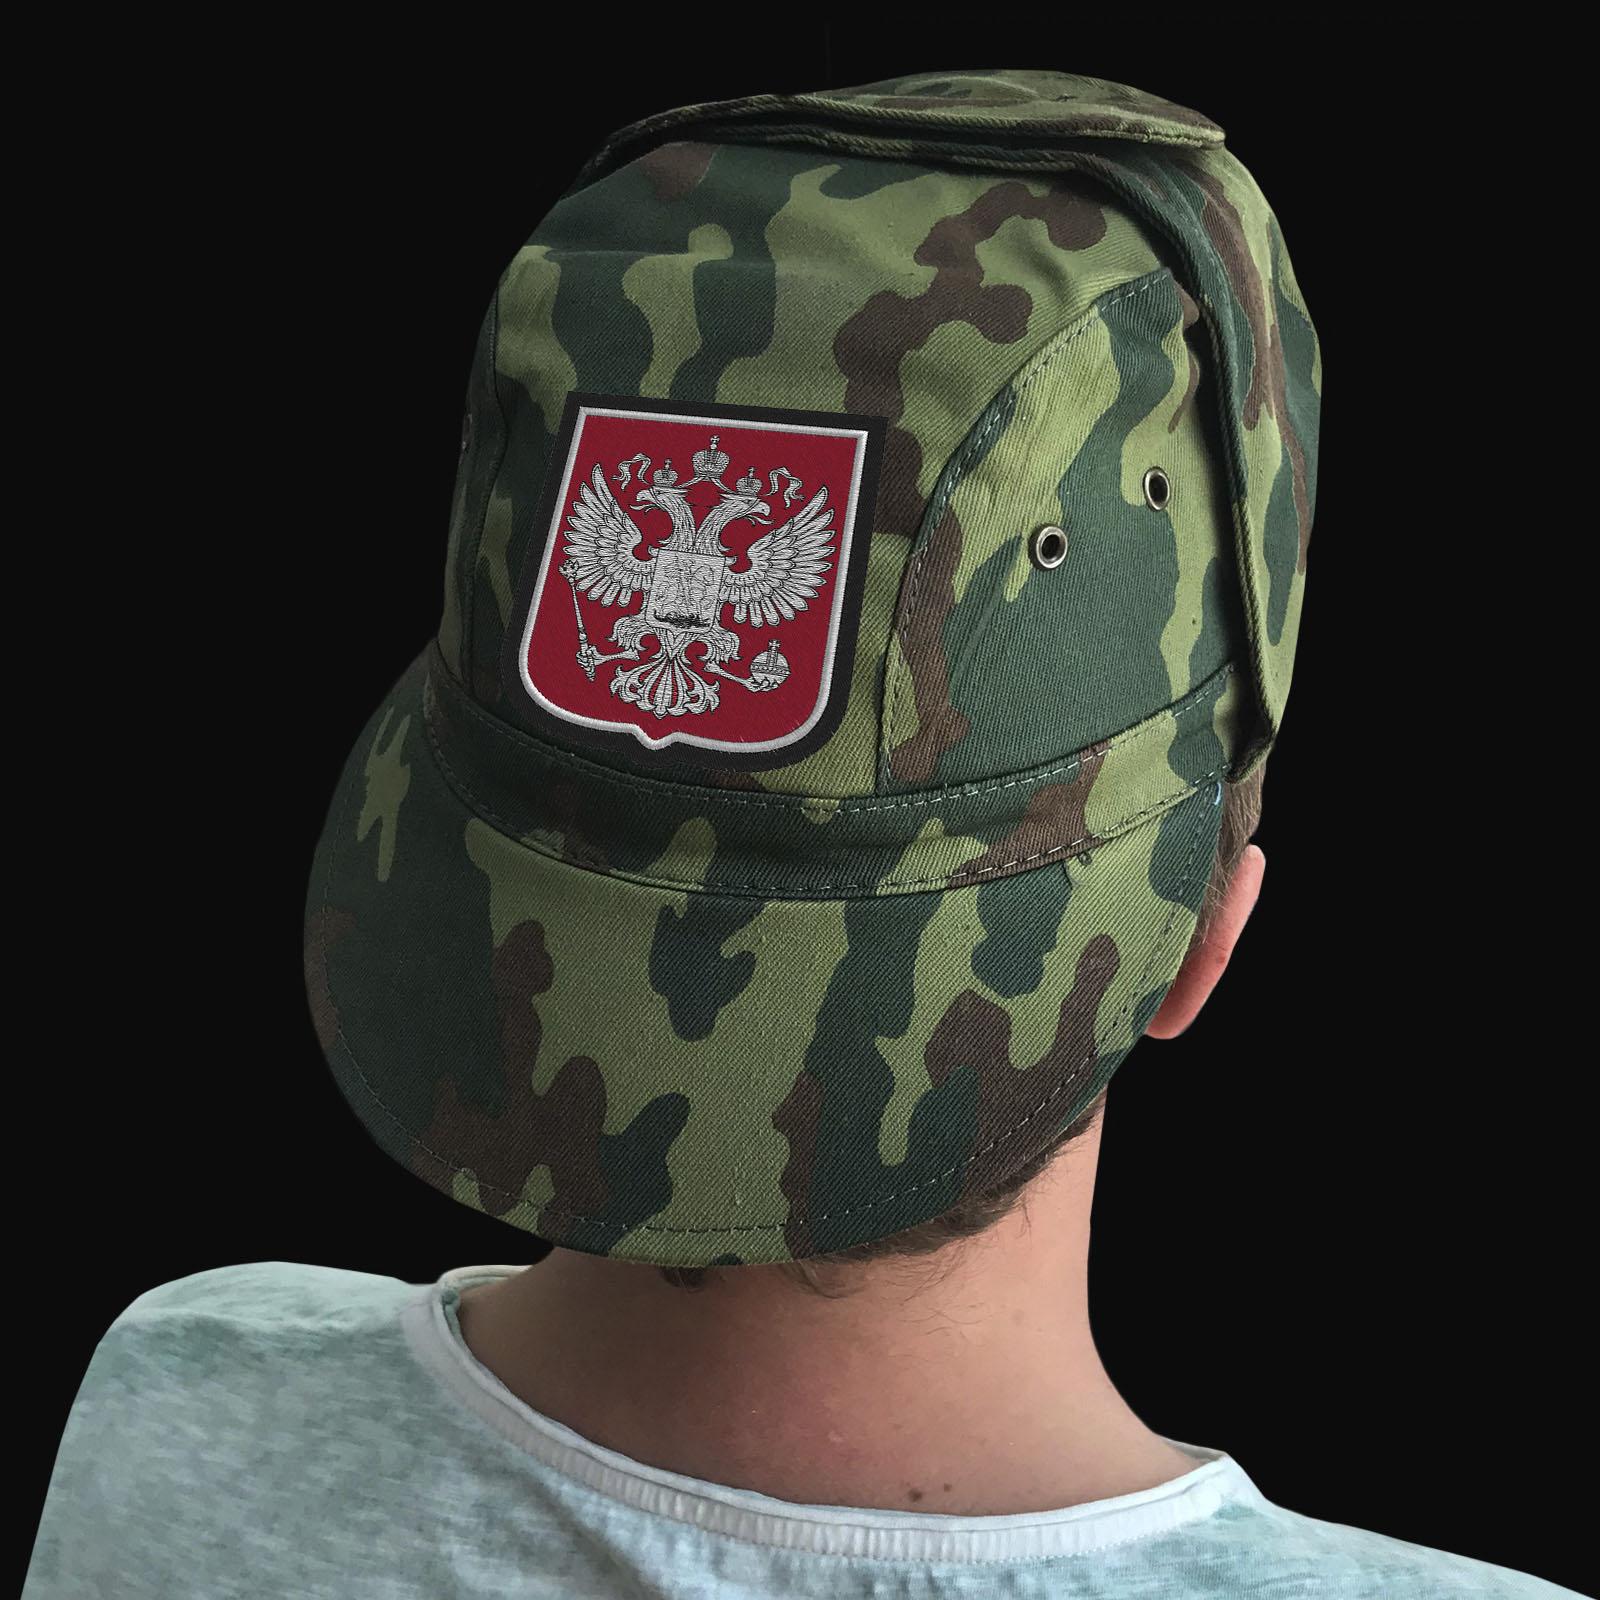 Недорогие милитари кепки с шевроном в виде Двуглавого Орла РФ